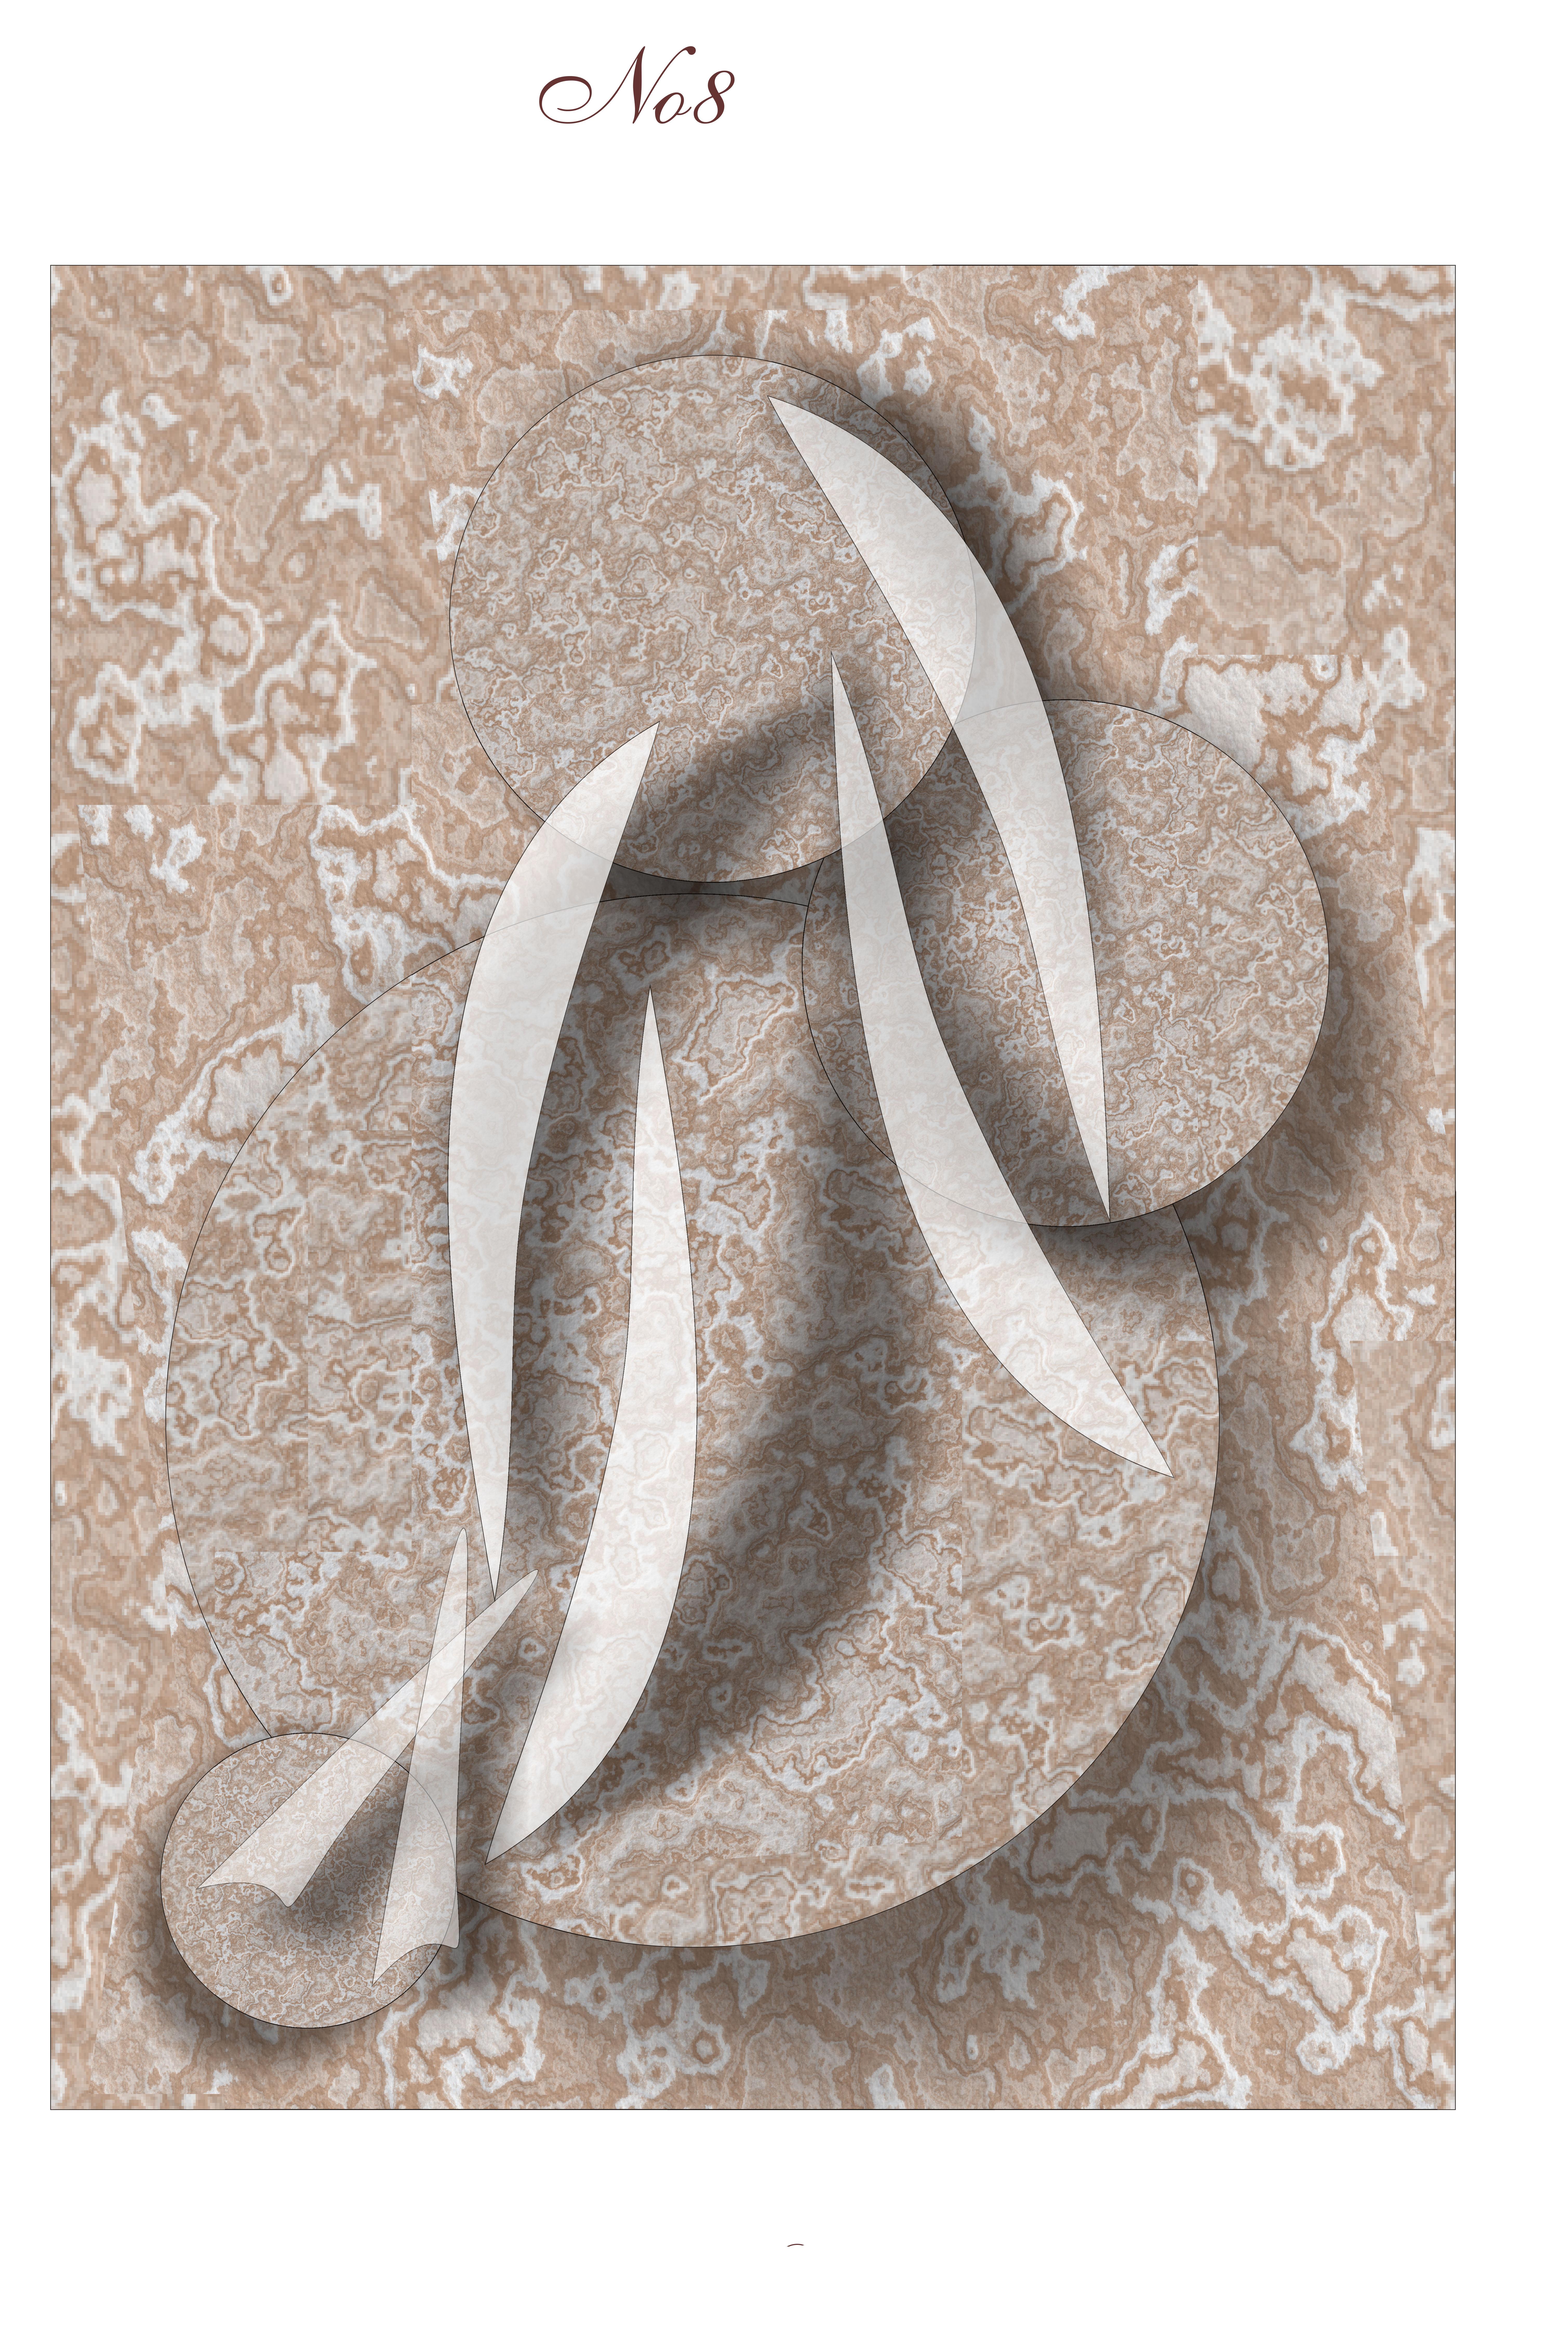 Sculpture/Base Idea 8